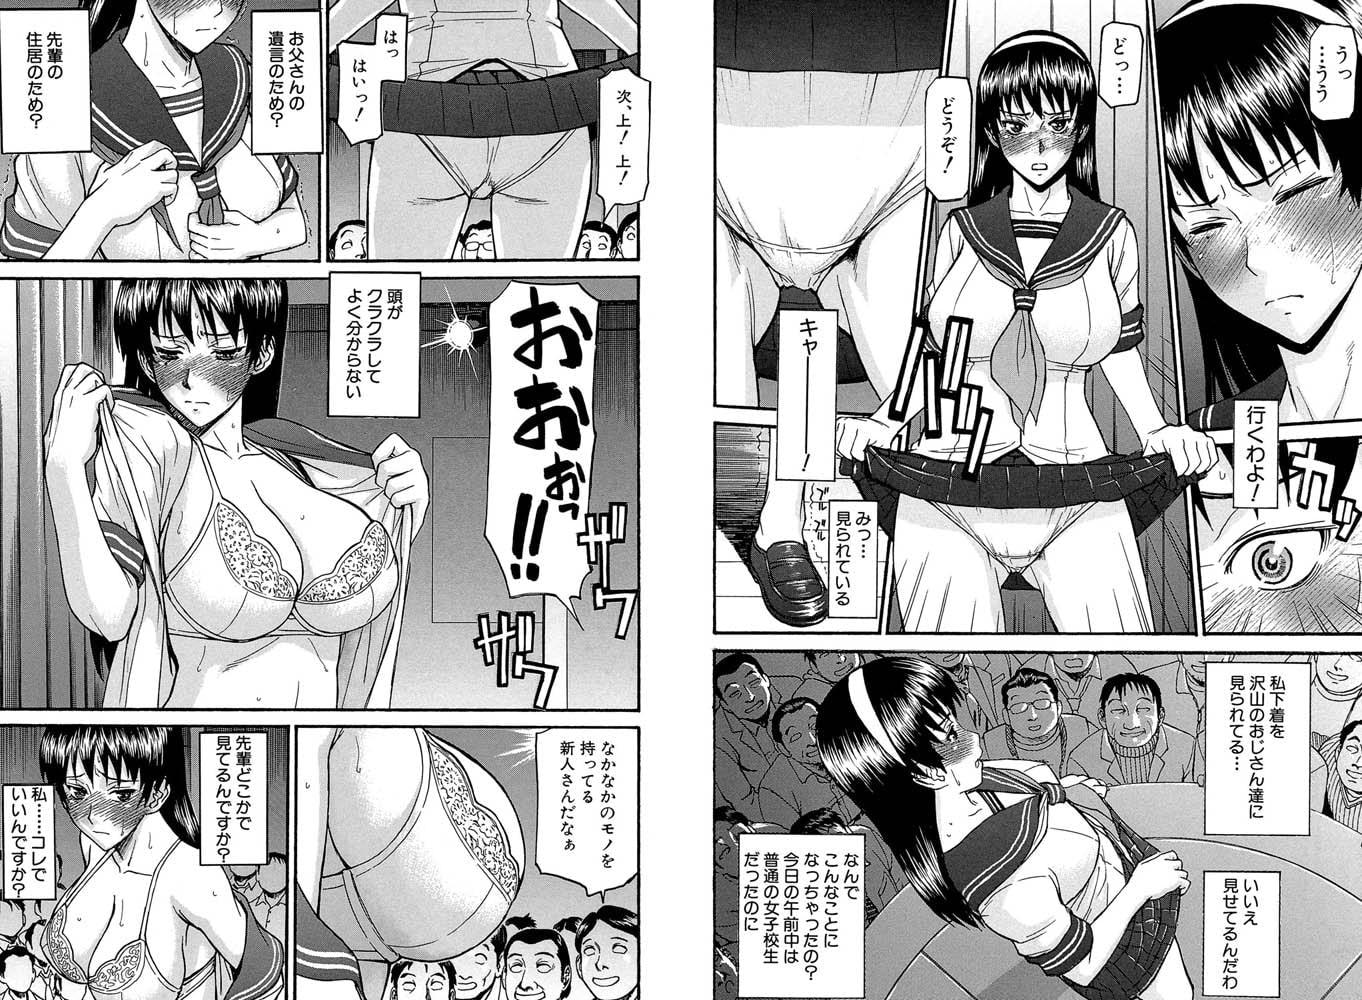 【ティーアイネット】いのまる先生 2冊パック(202005)